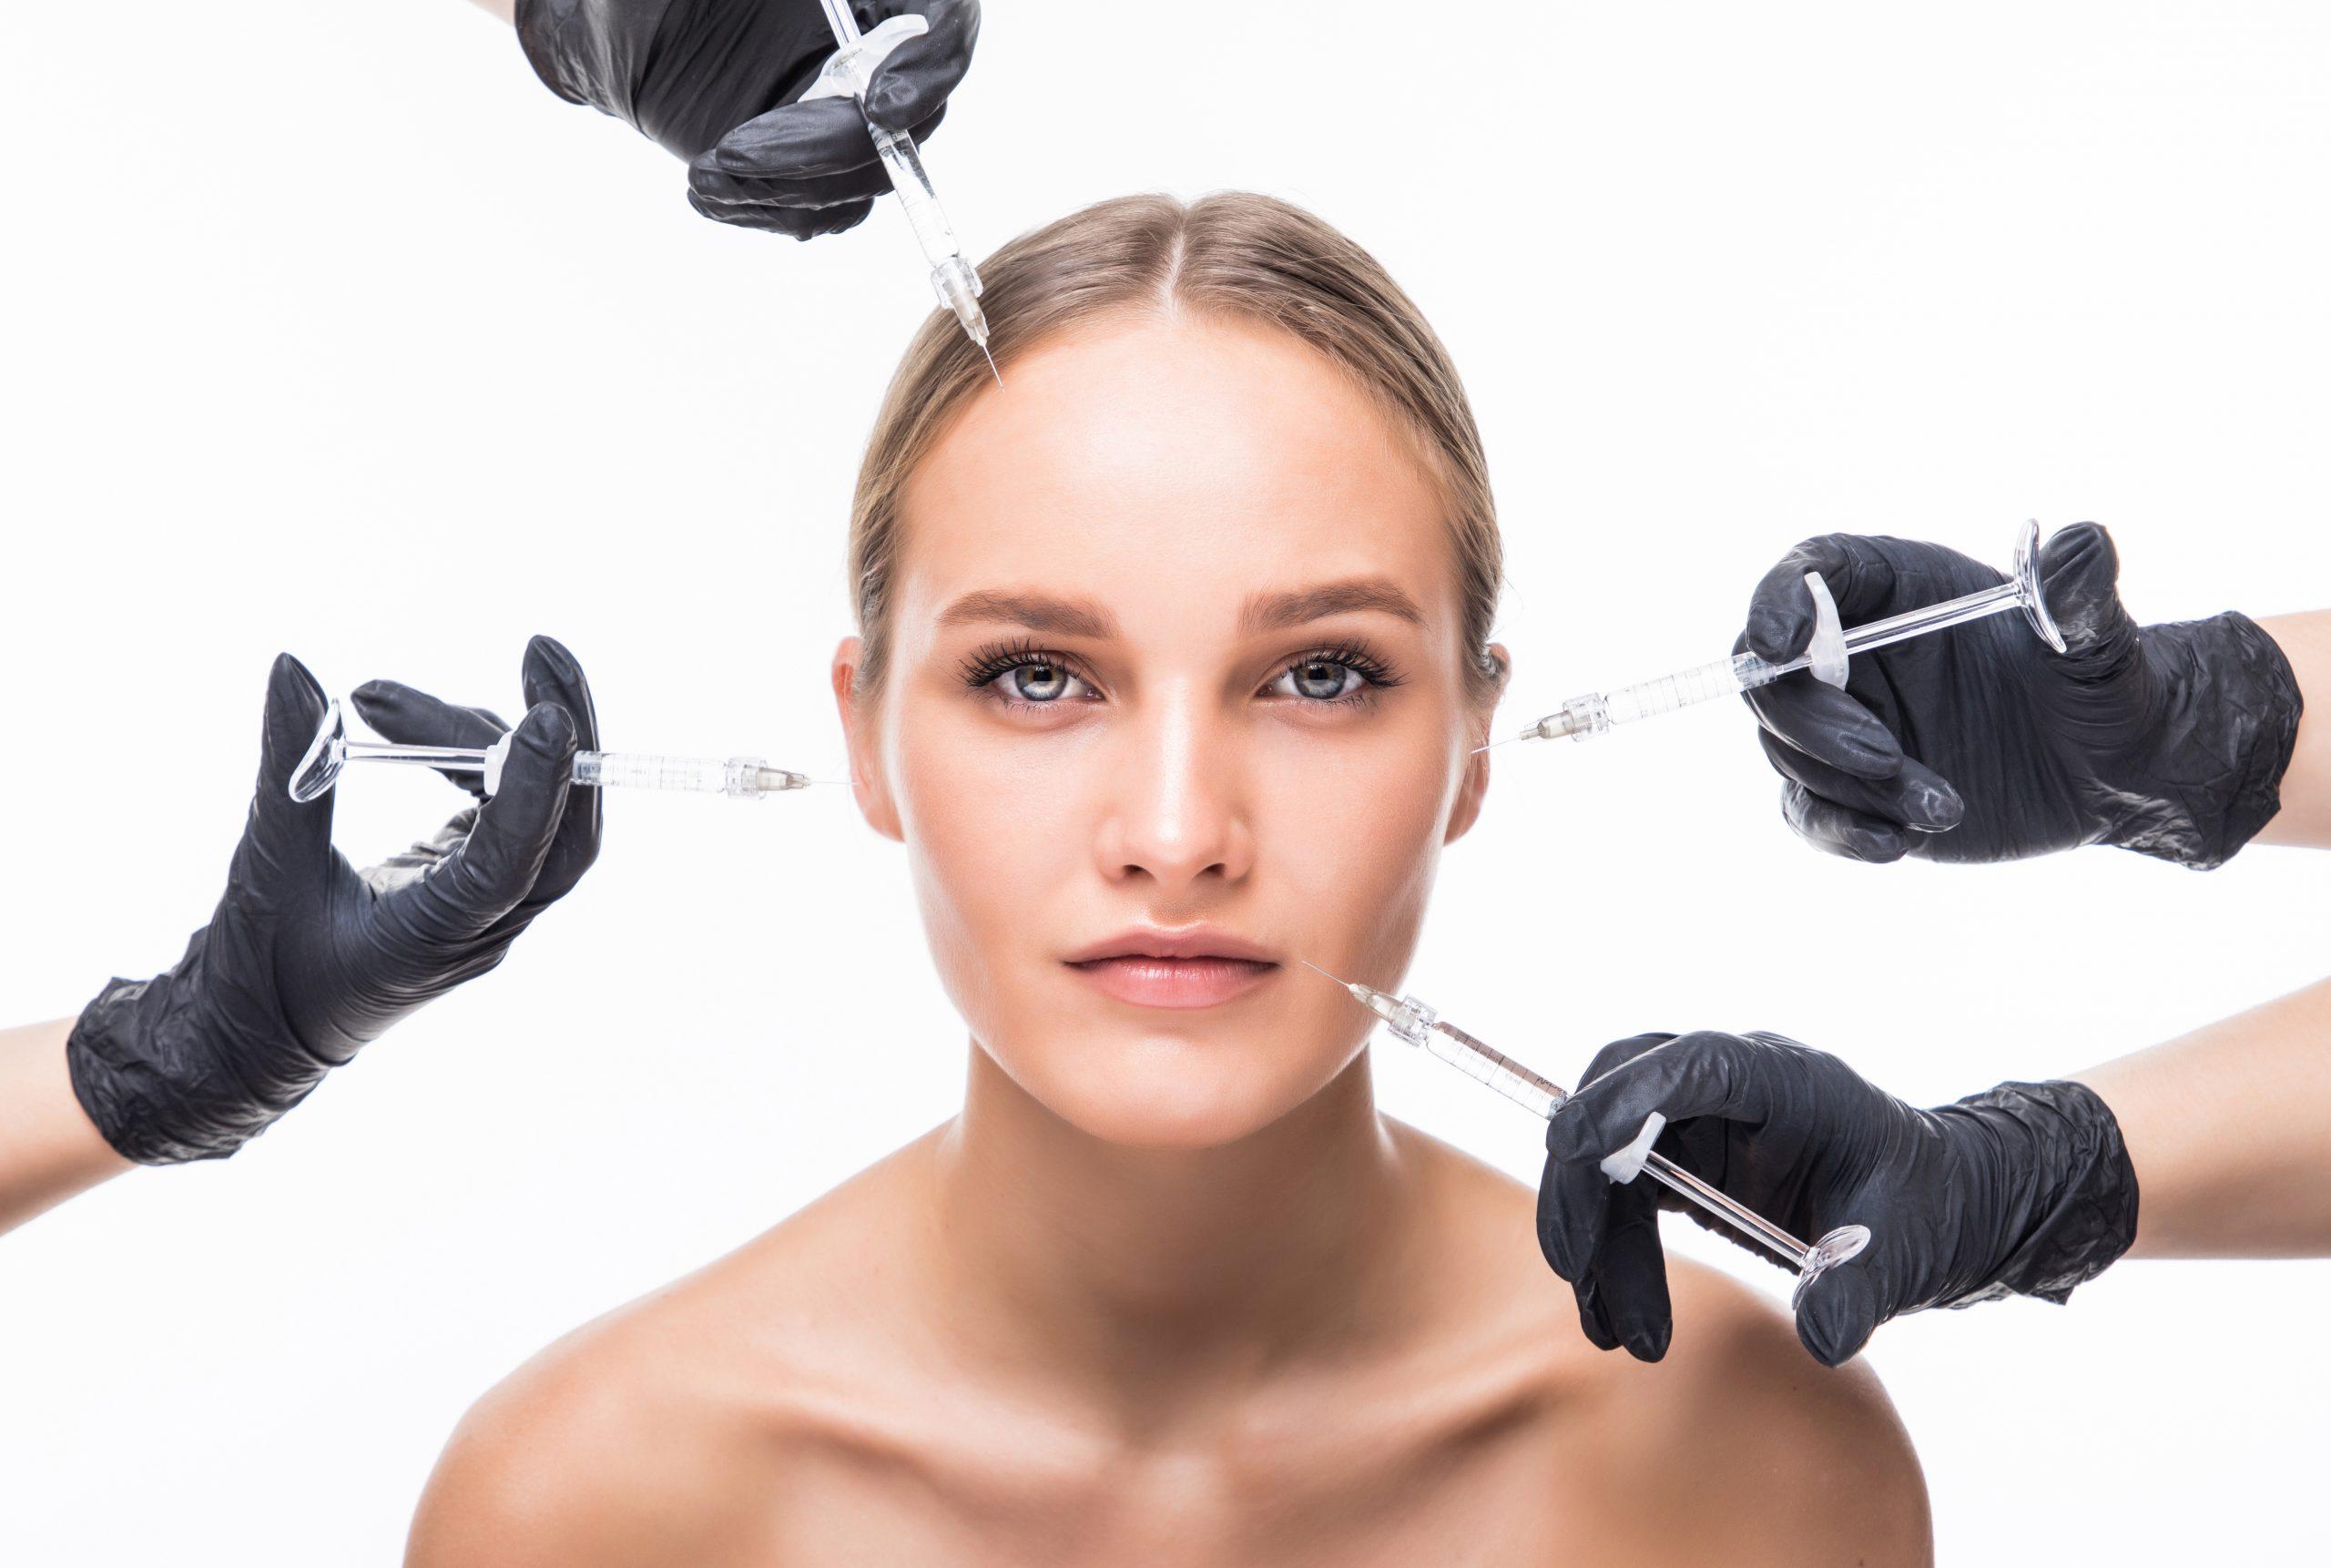 5 bonnes raisons pour bénéficier de la médecine esthétique malgré le port du masque !